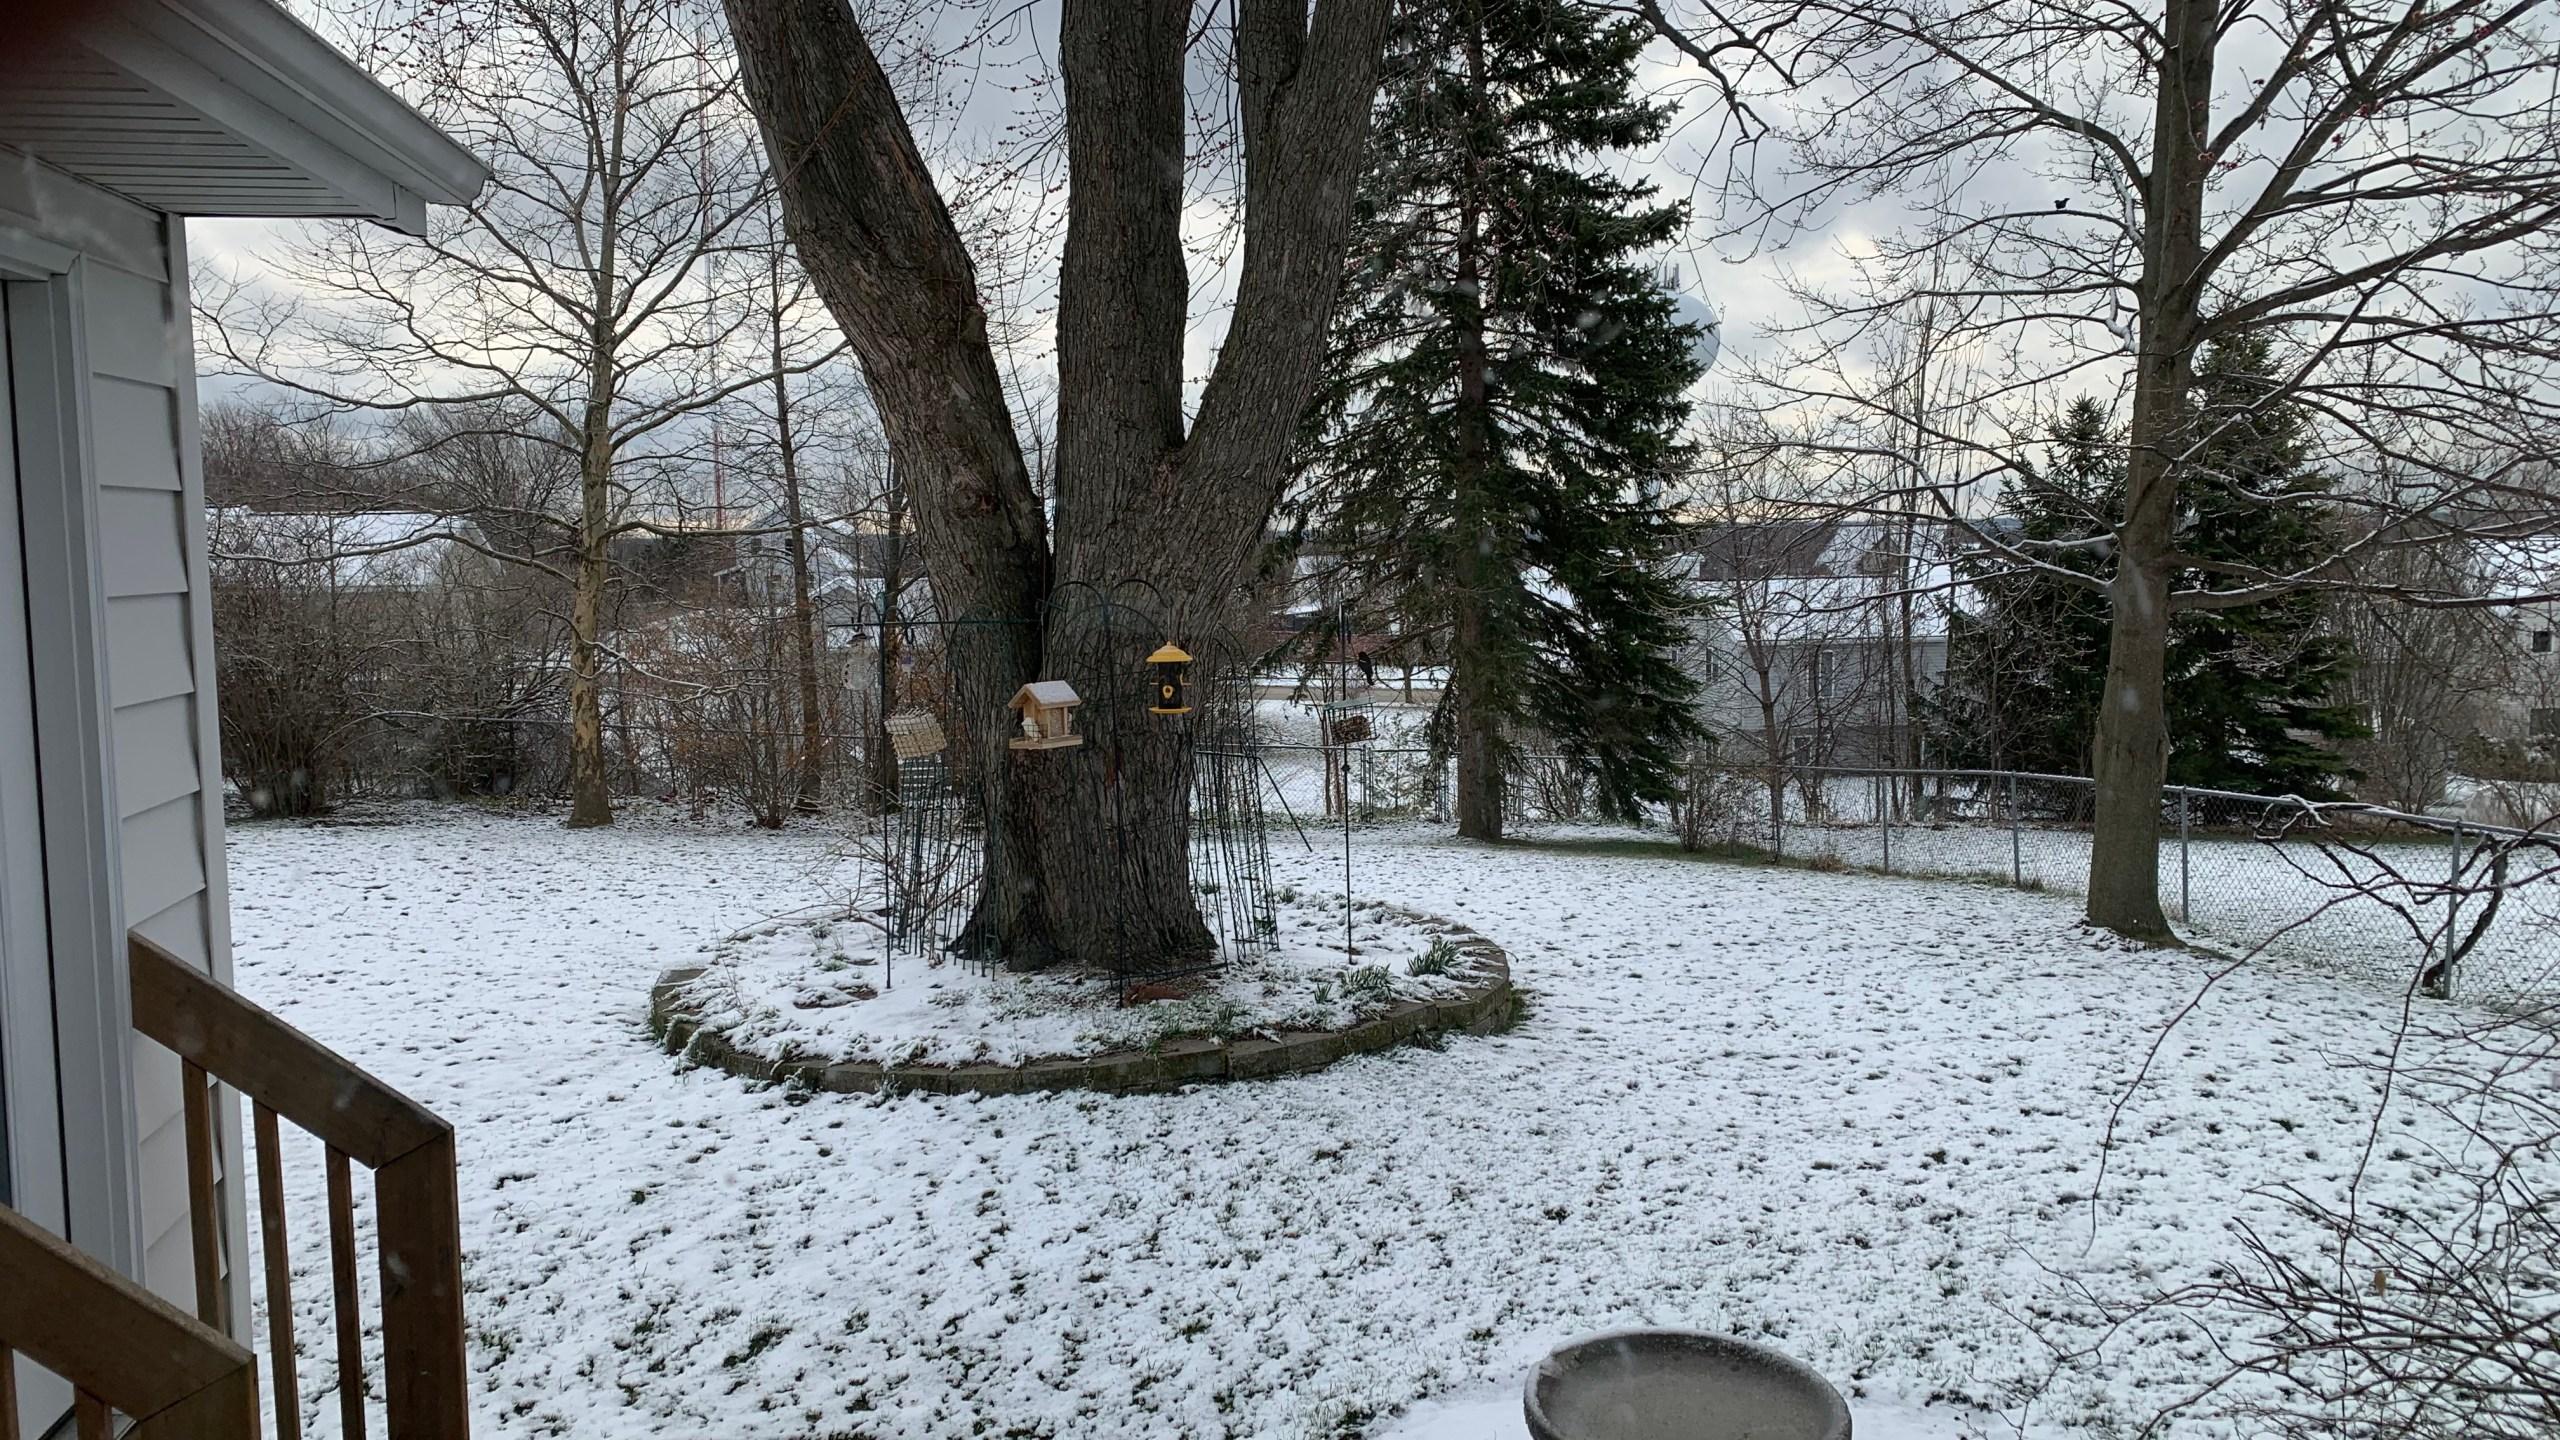 Snow backyard 4 11 19_1554990798883.JPG.jpg